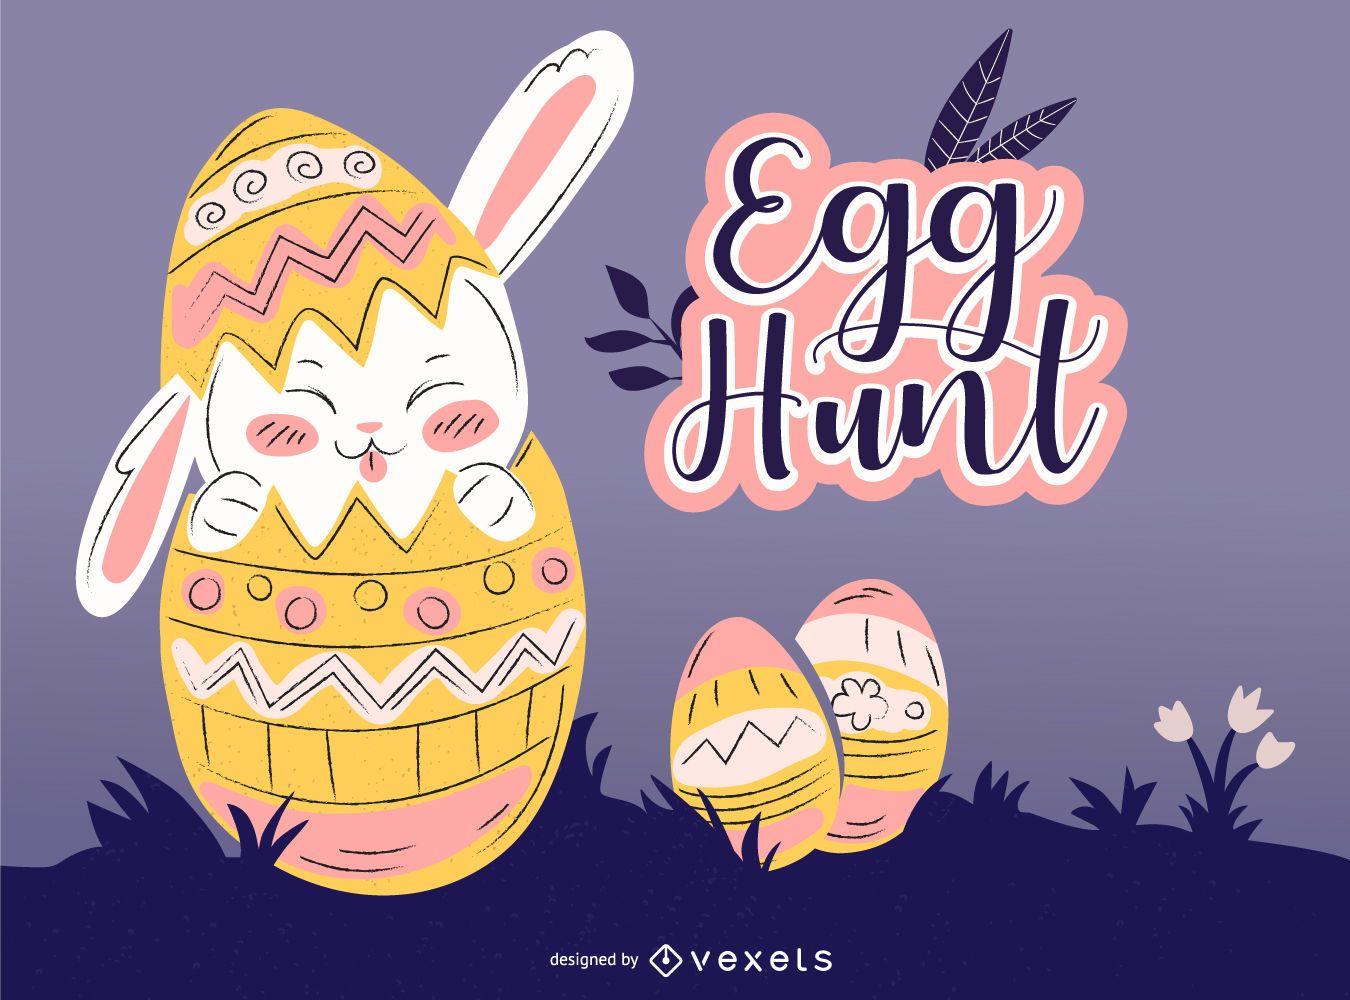 Easter egg hunt illustration